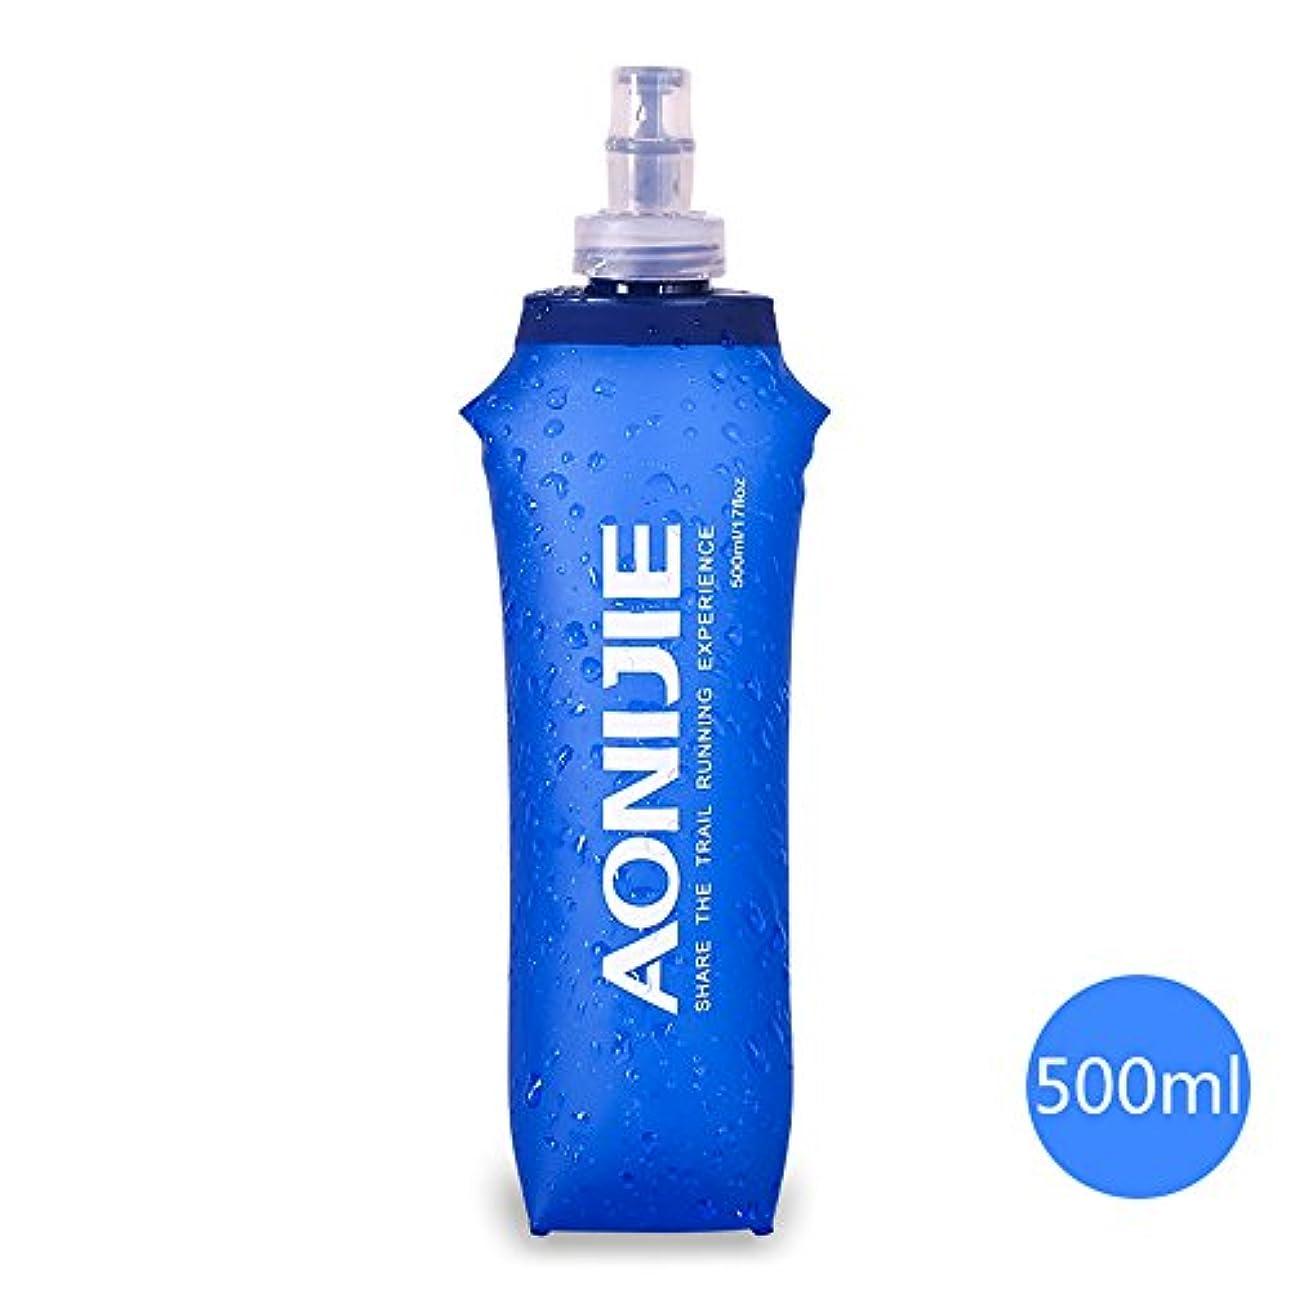 含意国際についてLIXADA ハイドレーションパック 折りたたみ水筒 スポーツボトル ウォーターボトル 給水リザーバー 水分補給 携帯式ボトル アウトドア スポーツ ジョギング マラソン サイクリングなどに適用